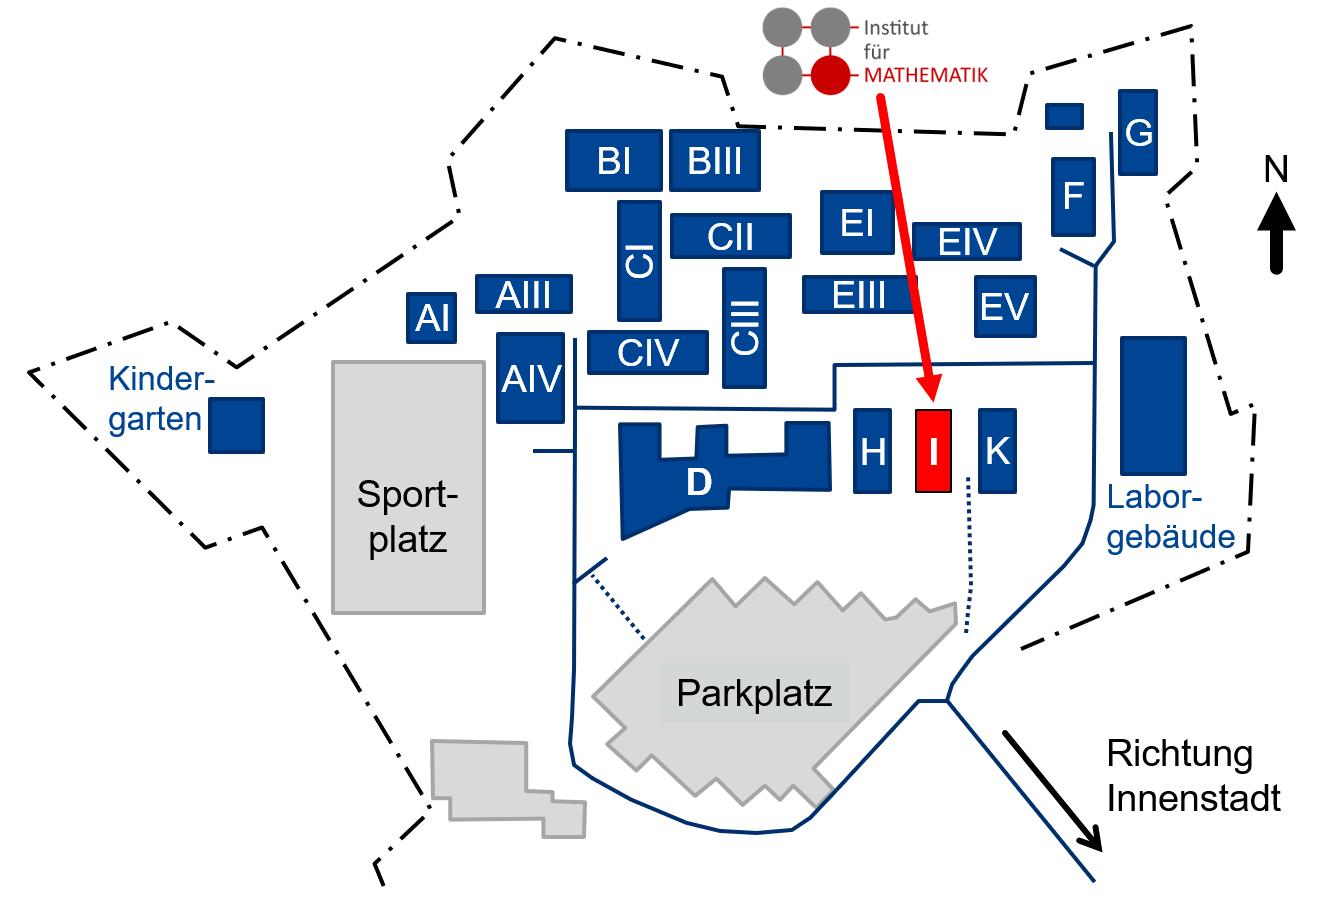 Campusplan_IfM.png